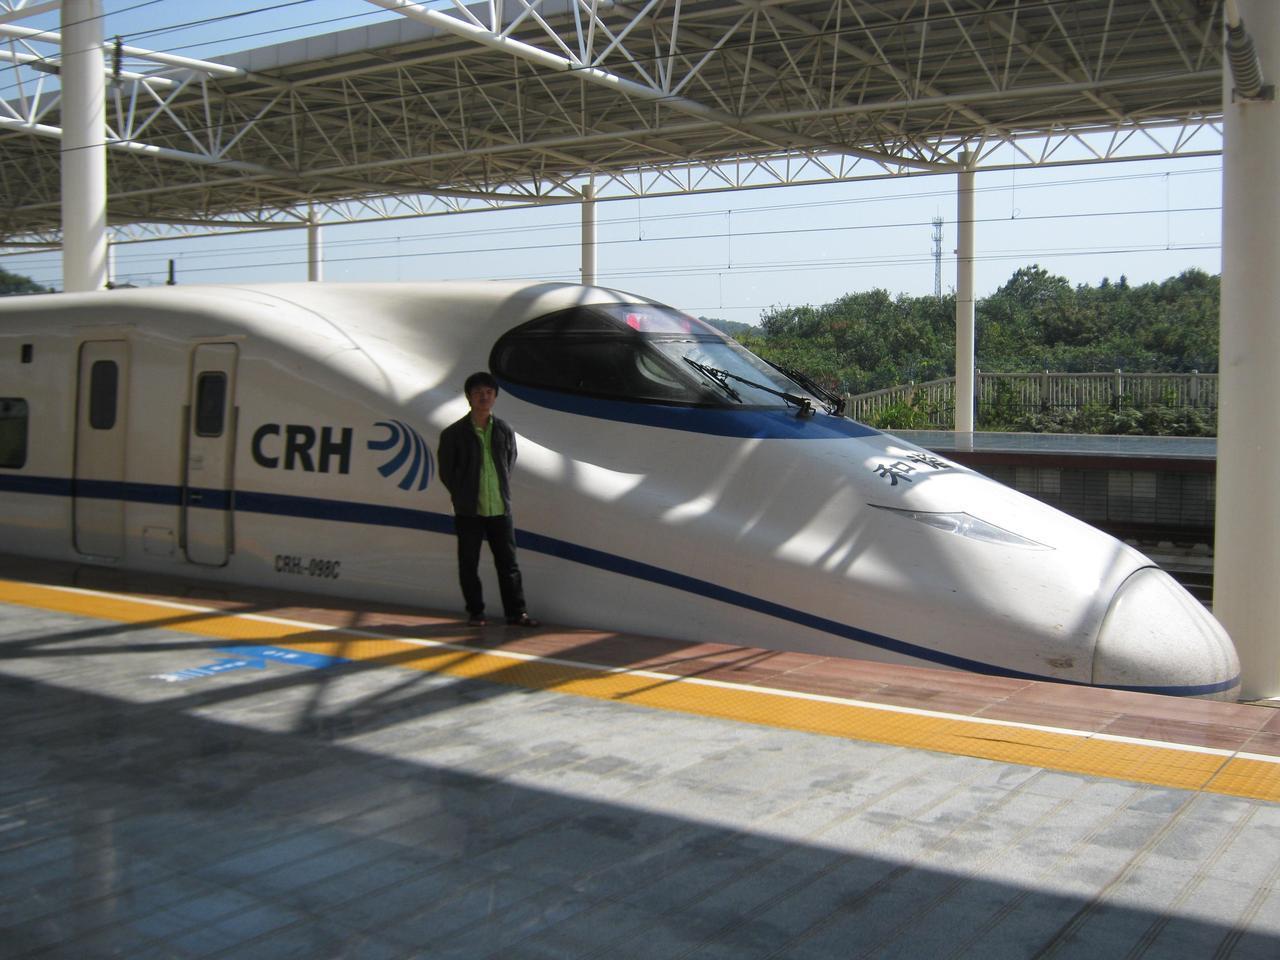 白皮车,是一种对中国铁路客车的俗称。外表涂装整体为白色,车窗部位为蓝色加红条裙边,故名。中国铁路客车使用这种标准涂装的典型的有25T型客车,最具代表性。主要用于中国铁路第五次大提速时开始开行的特快列车,当时是较高级的旅客列车车厢,常用于直达特快列车、以及部分特快列车的旅客列车编组。少量的RW19T客车也是这种主色调为白色的涂装。 白皮车这种俗称使用并不广泛。中国铁路2007年开始开行的CRH动车组列车采用通体白色的涂装更符合白皮车的形象。  25T型客车是25K型客车的后继型号。2002年开始